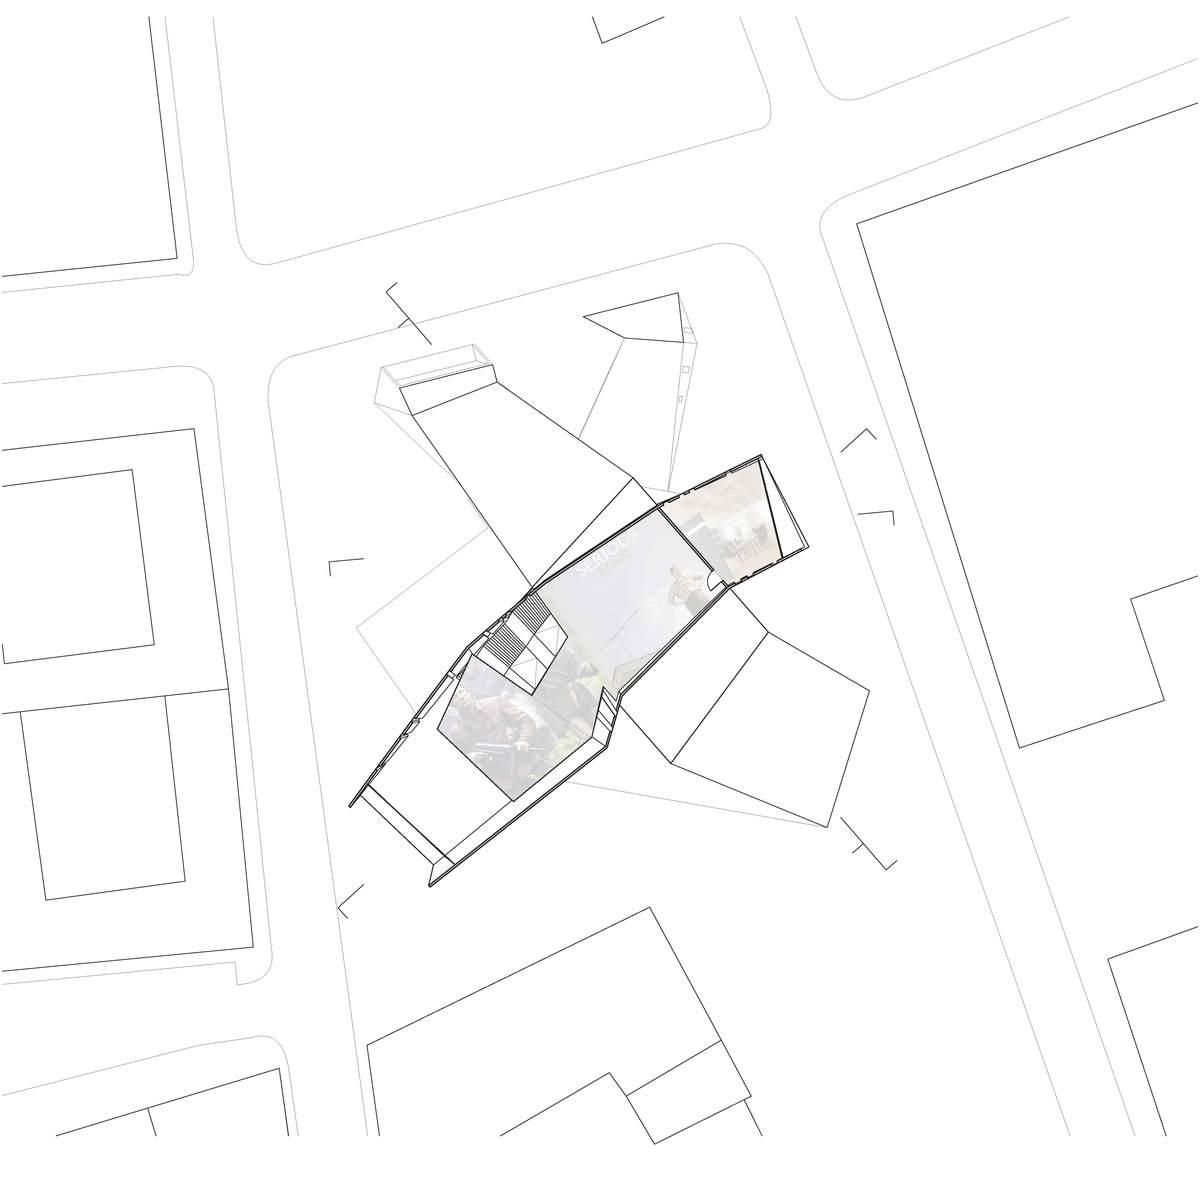 Schematic Plan (level 3)